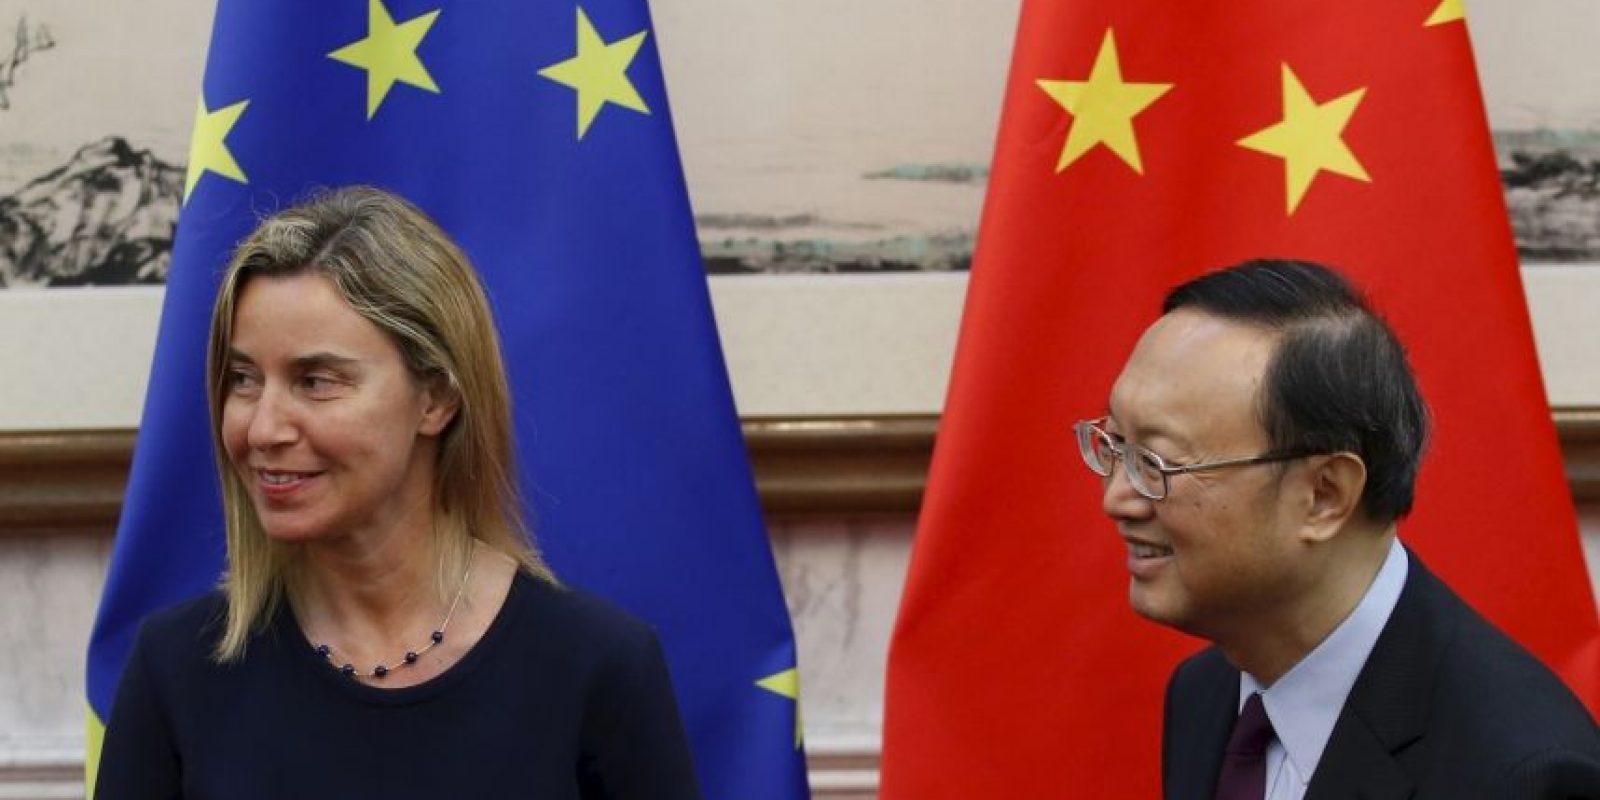 Es Alta Representante de la Unión Europea para Asuntos Exteriores y Política de Seguridad. Ocupa el puesto 36 de la lista y tiene 41 años. Foto:Getty Images